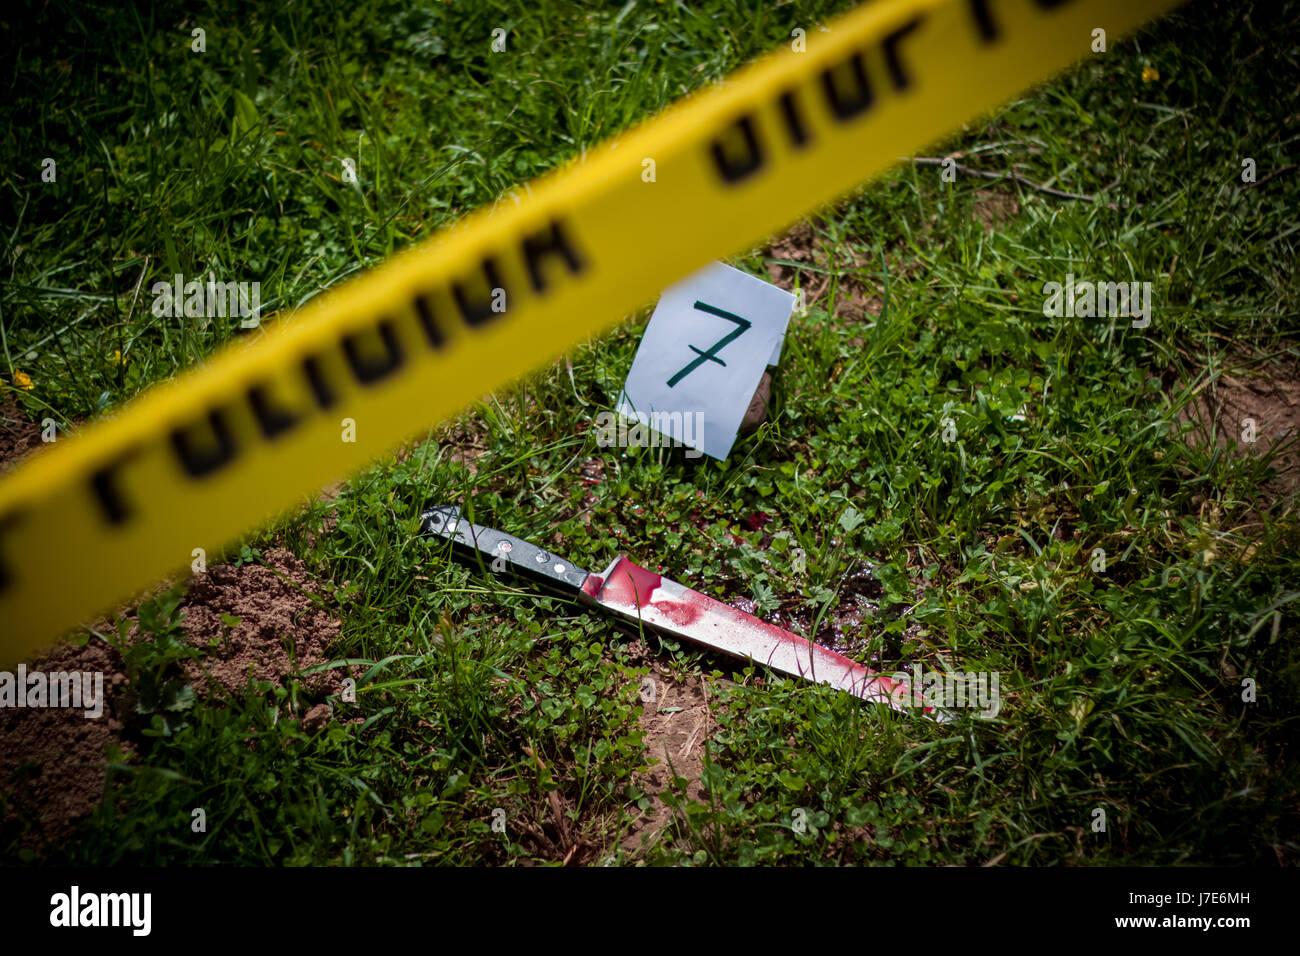 Tatort, Mord, Untersuchung, blutiges Messer auf dem Rasen, im Verlauf der Untersuchung Stockbild